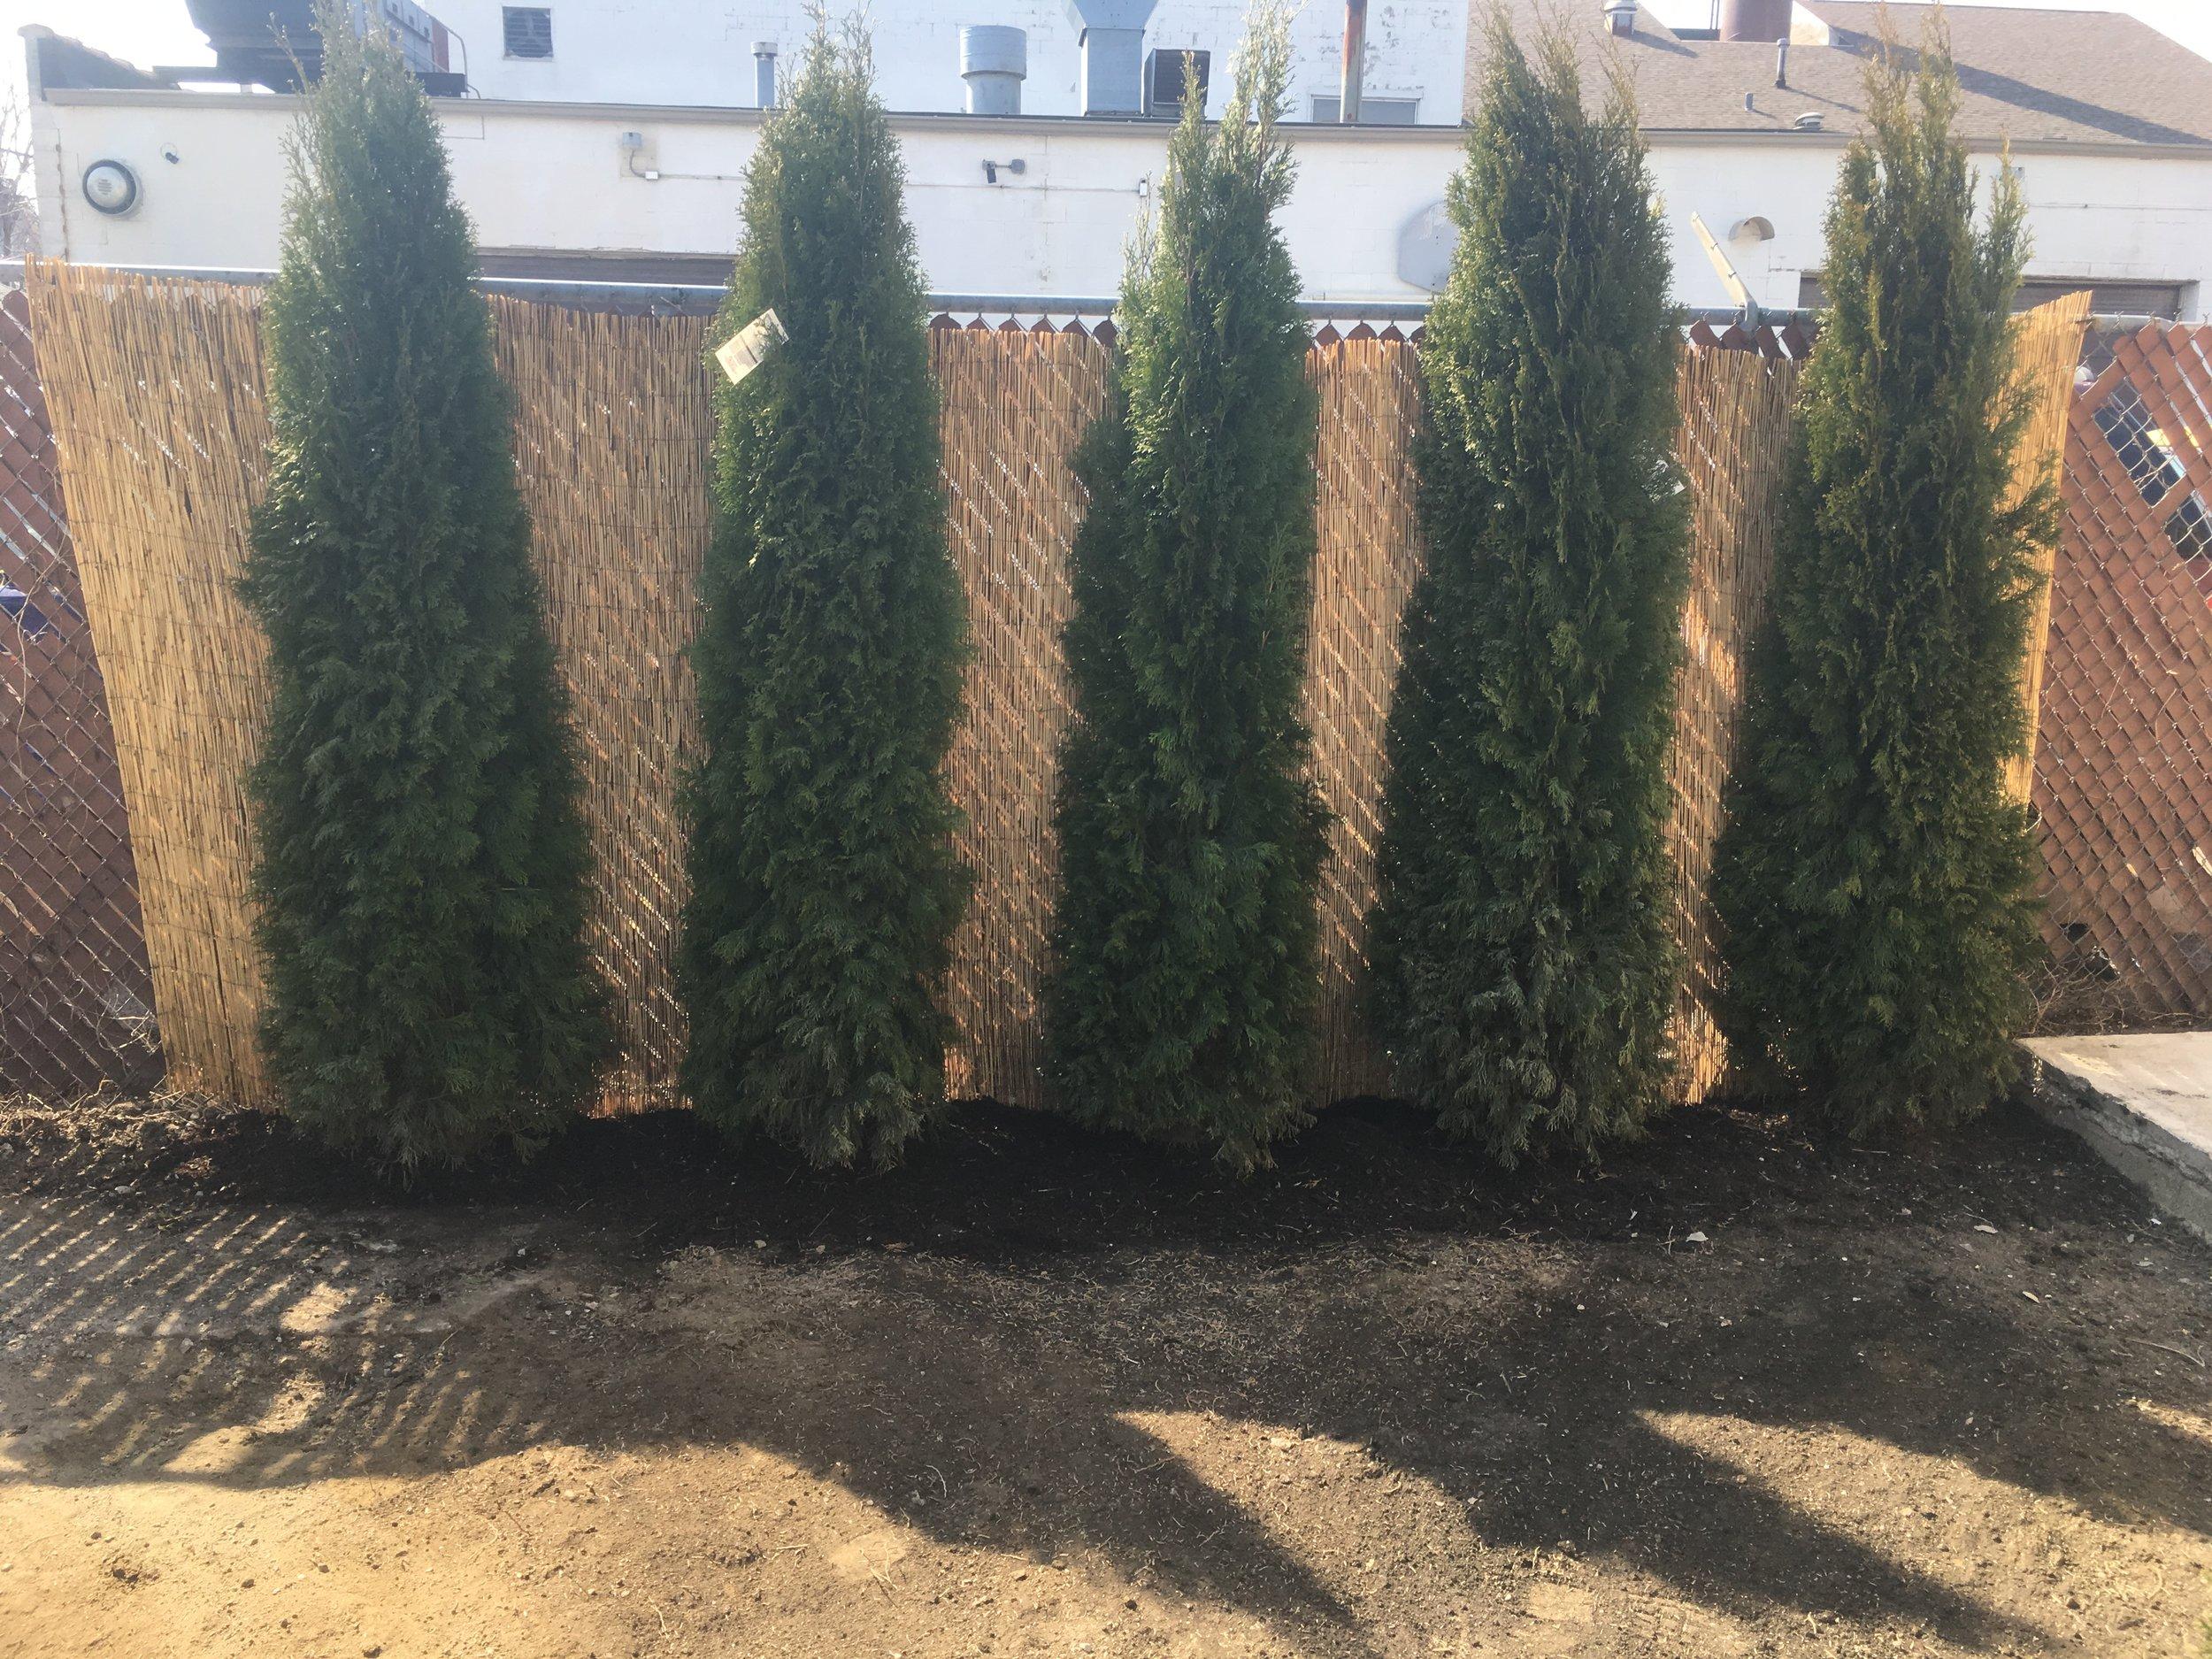 IMG_4553 TREES.JPG